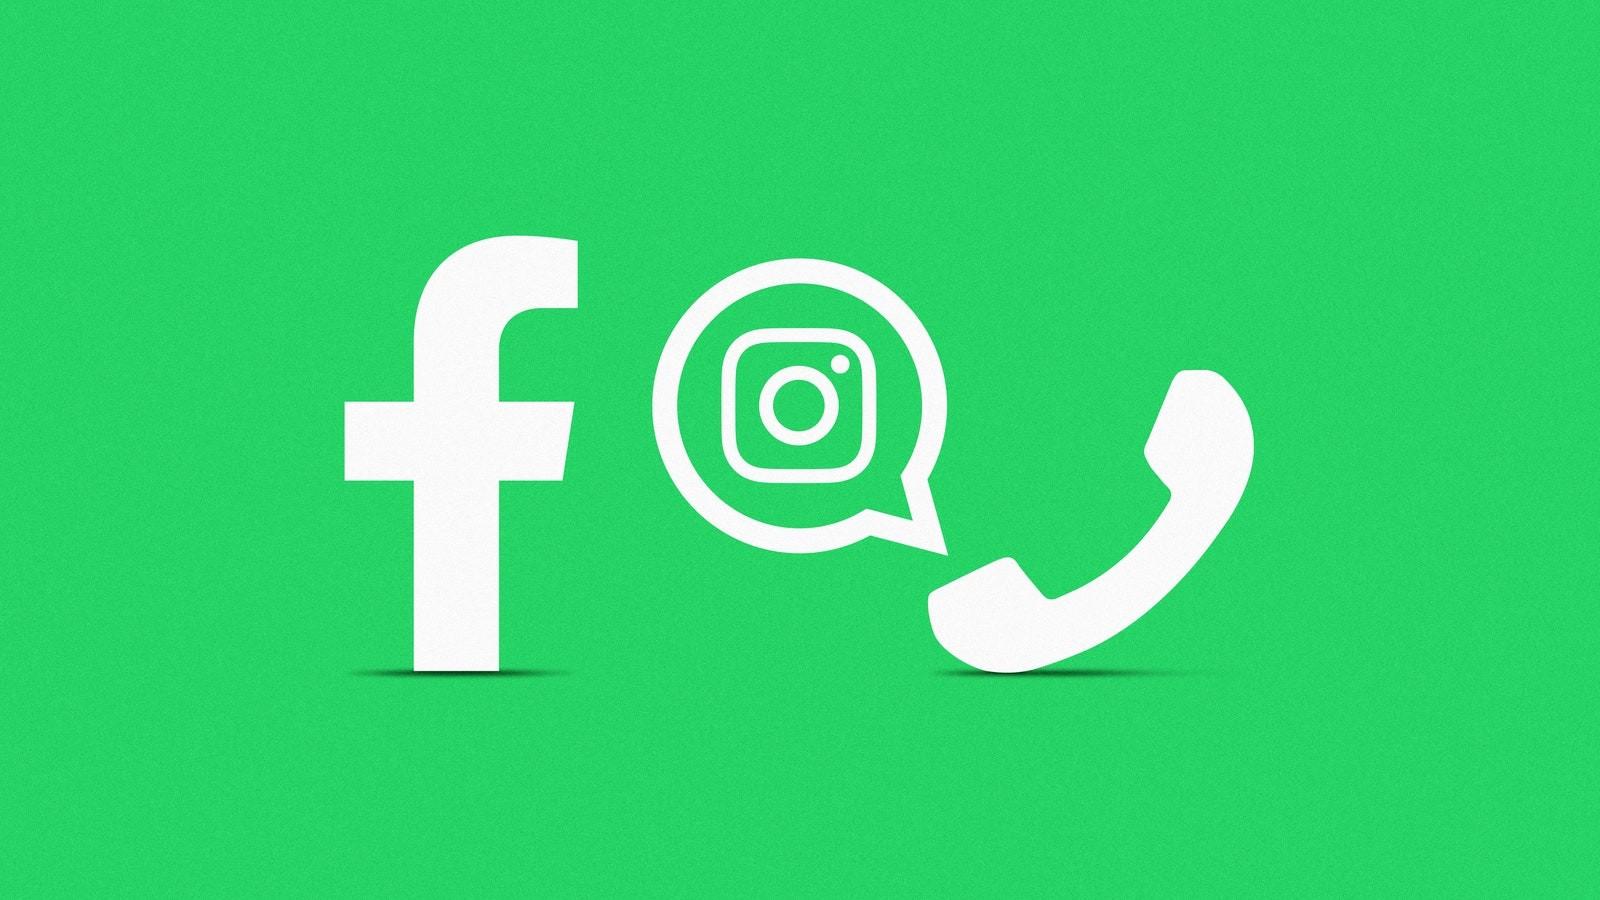 بياناتك مشاع..ما هي البيانات التي يشاركها واتساب وإنستجرام مع فيسبوك ؟